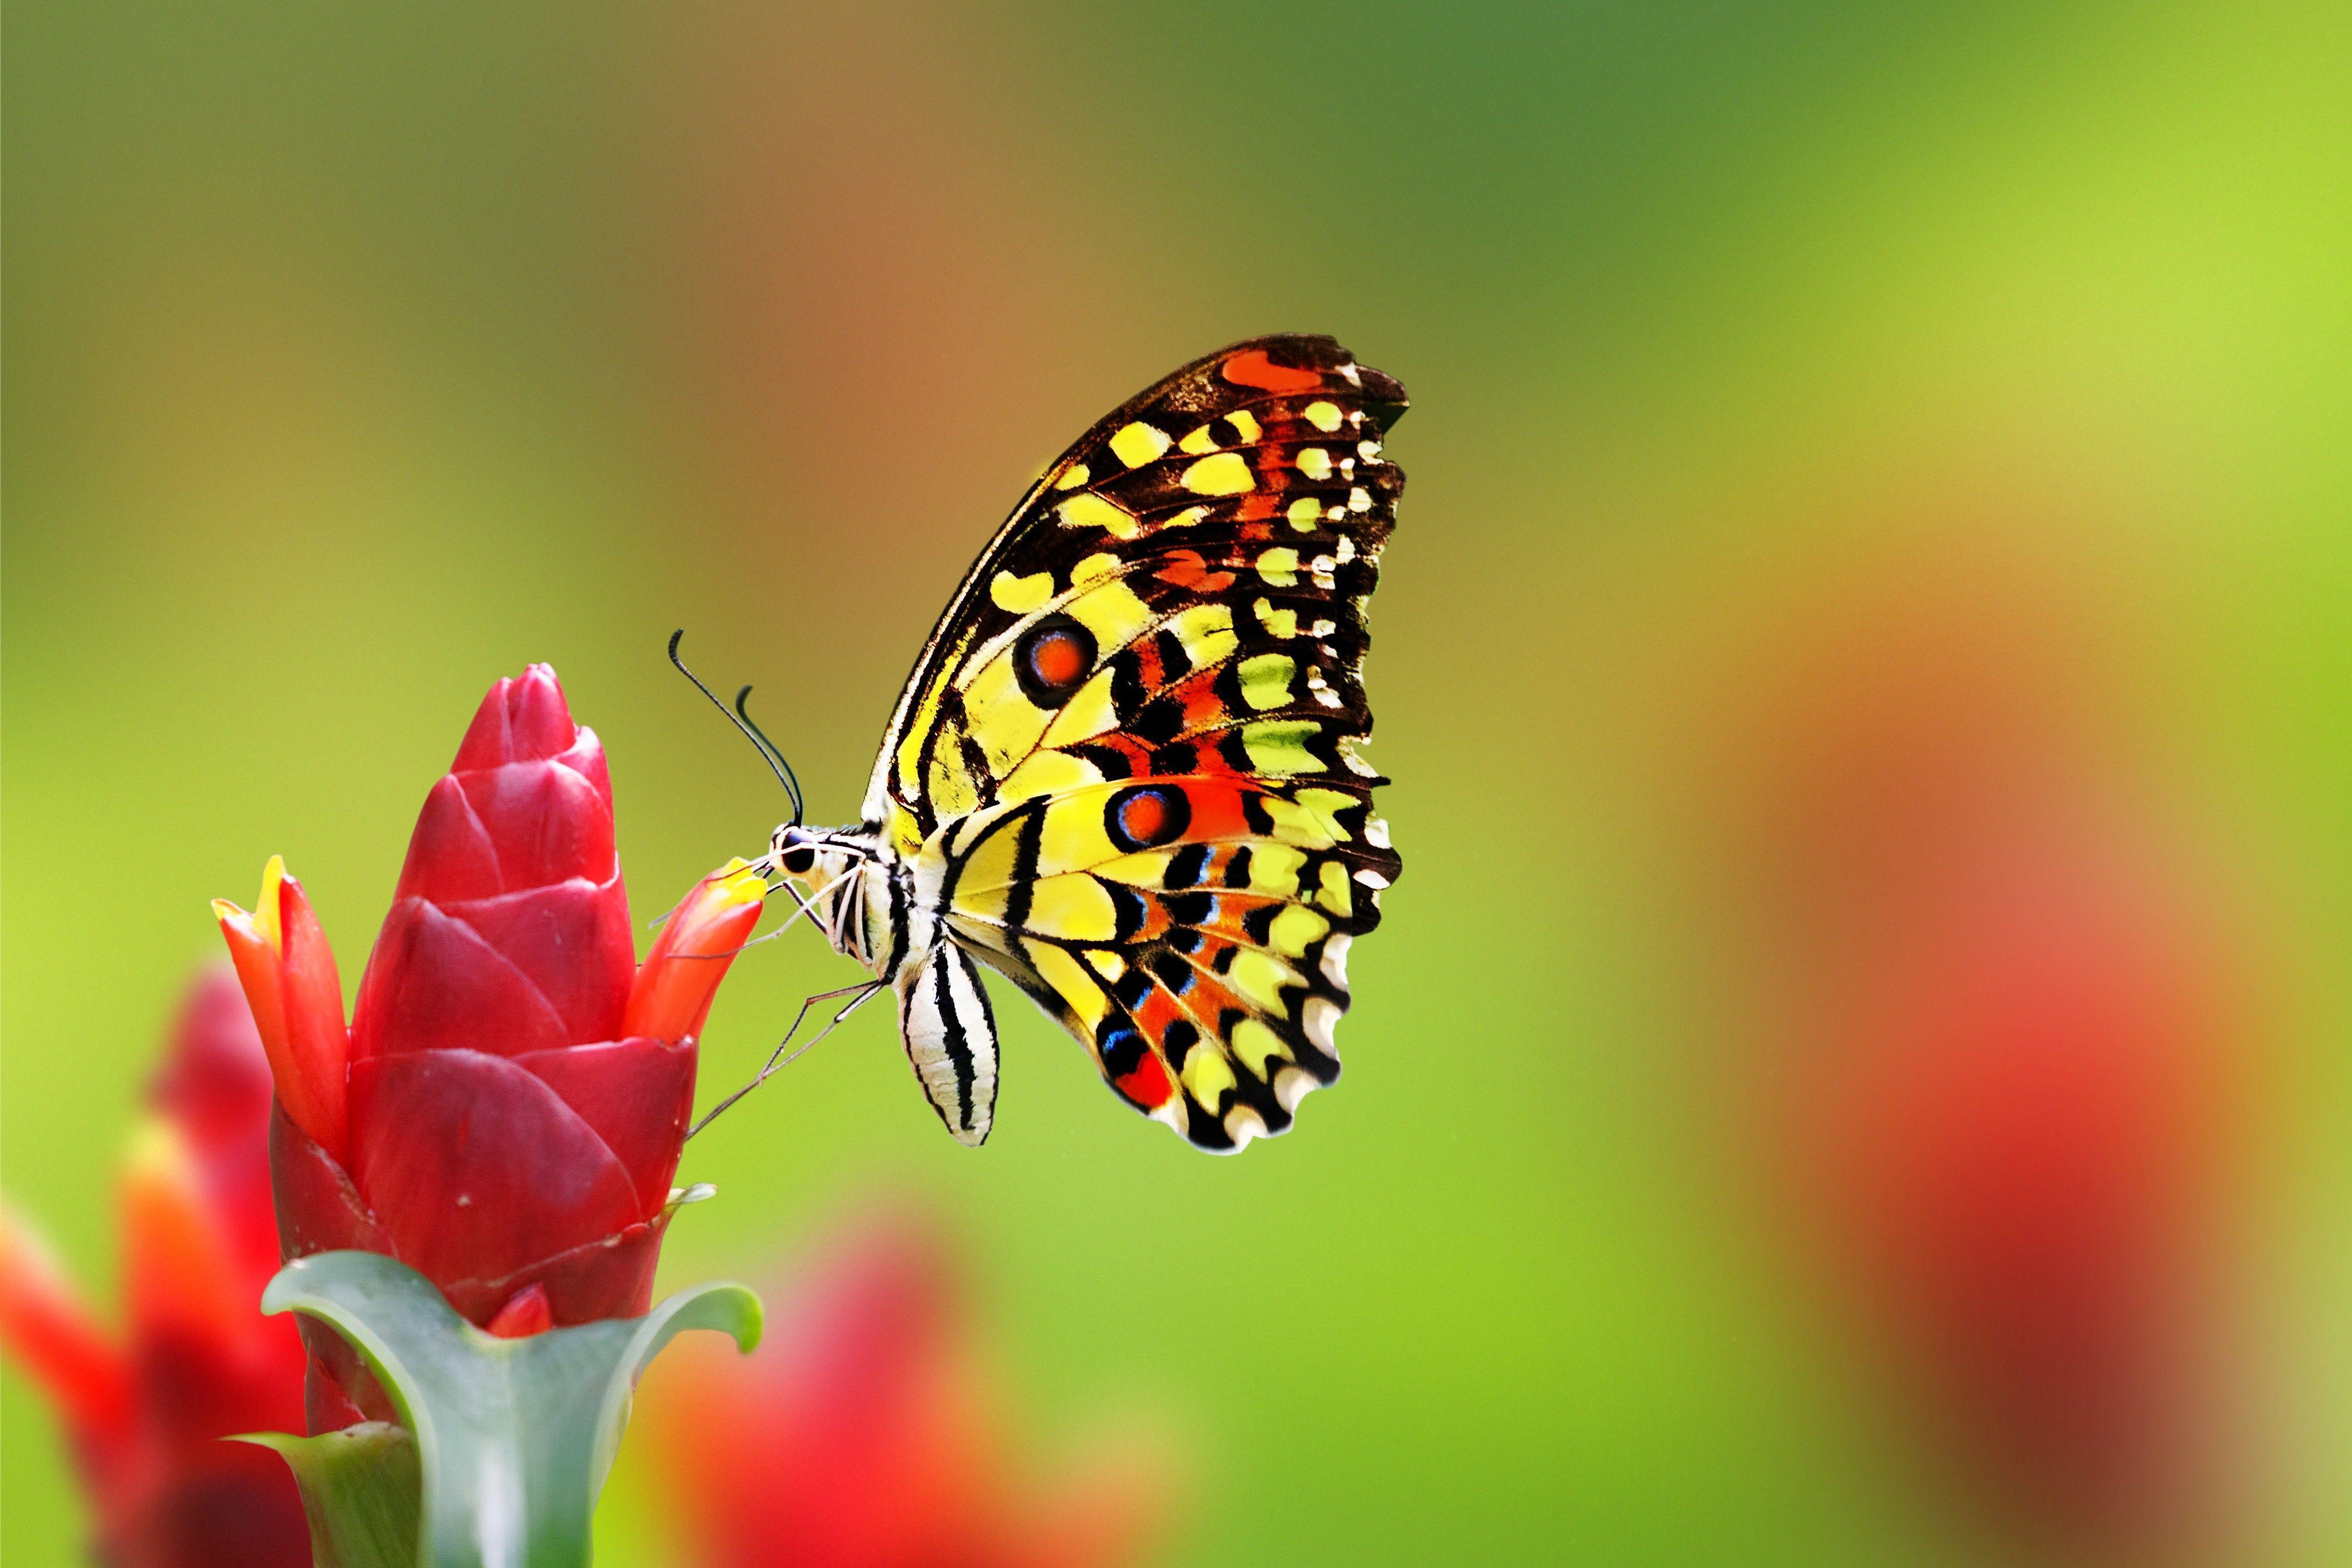 Melihat Kupu Kupu Menghisap Madu Bunga